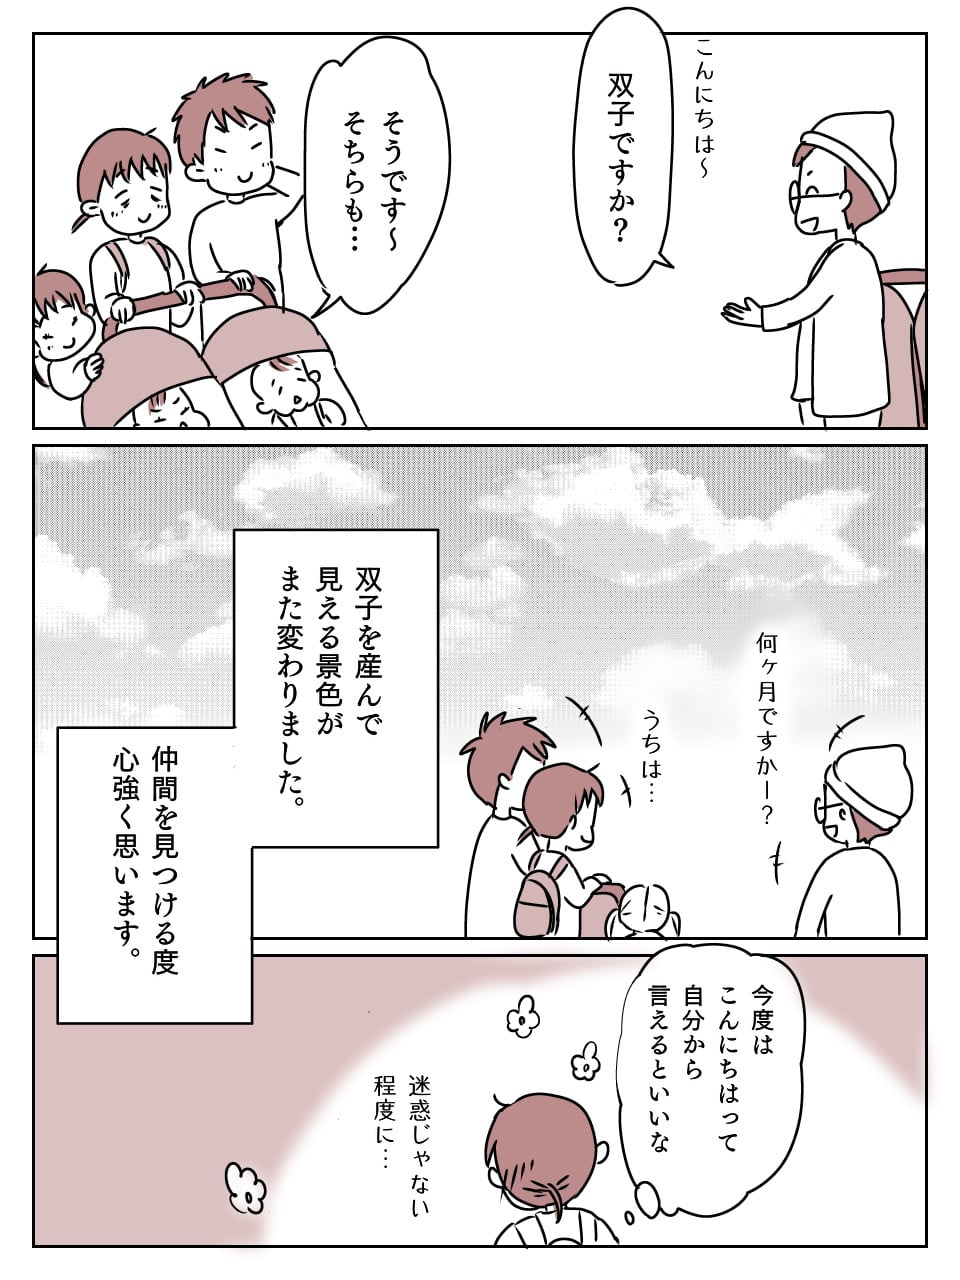 双子育児 仲間センサー3